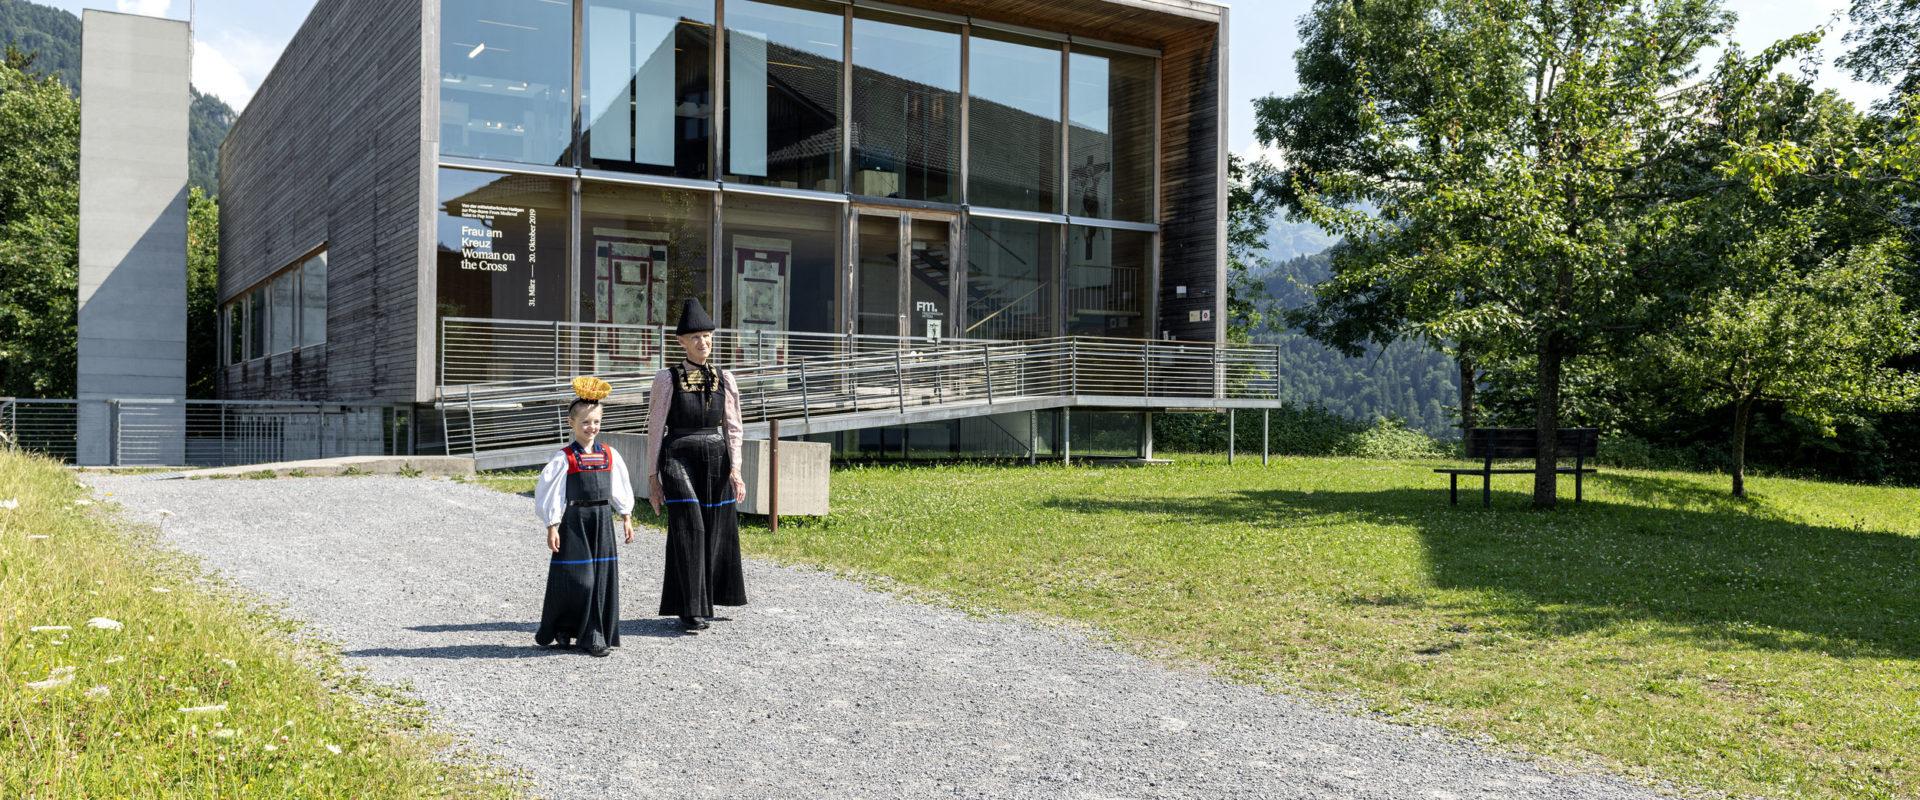 Großmutter und Enkelin in der Juppe - Bregenzerwälder Tracht - vor dem Frauenmuseum Hittisau © Johannes Fink undefined